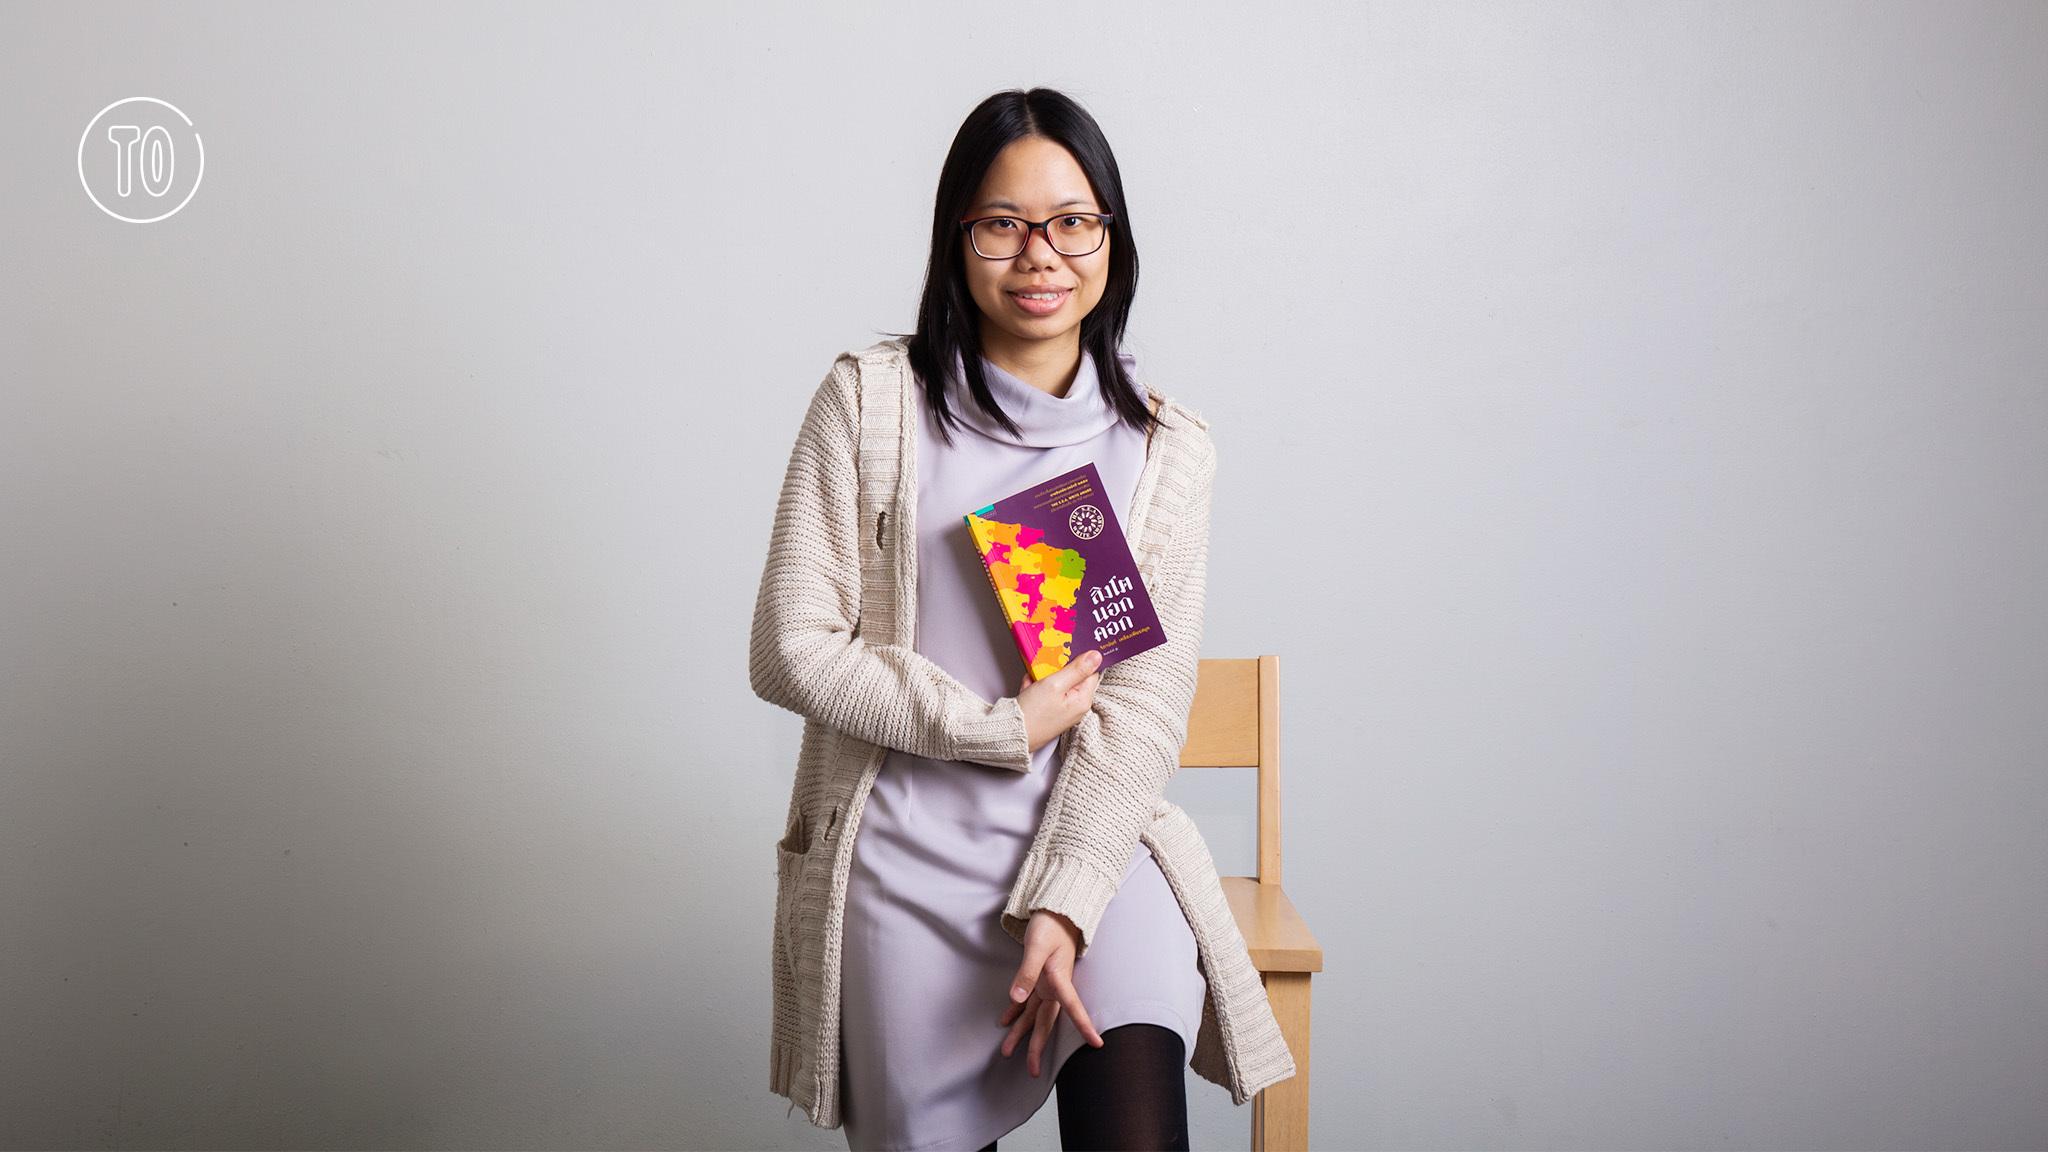 Interview with Jidanun Lueangpiansamut